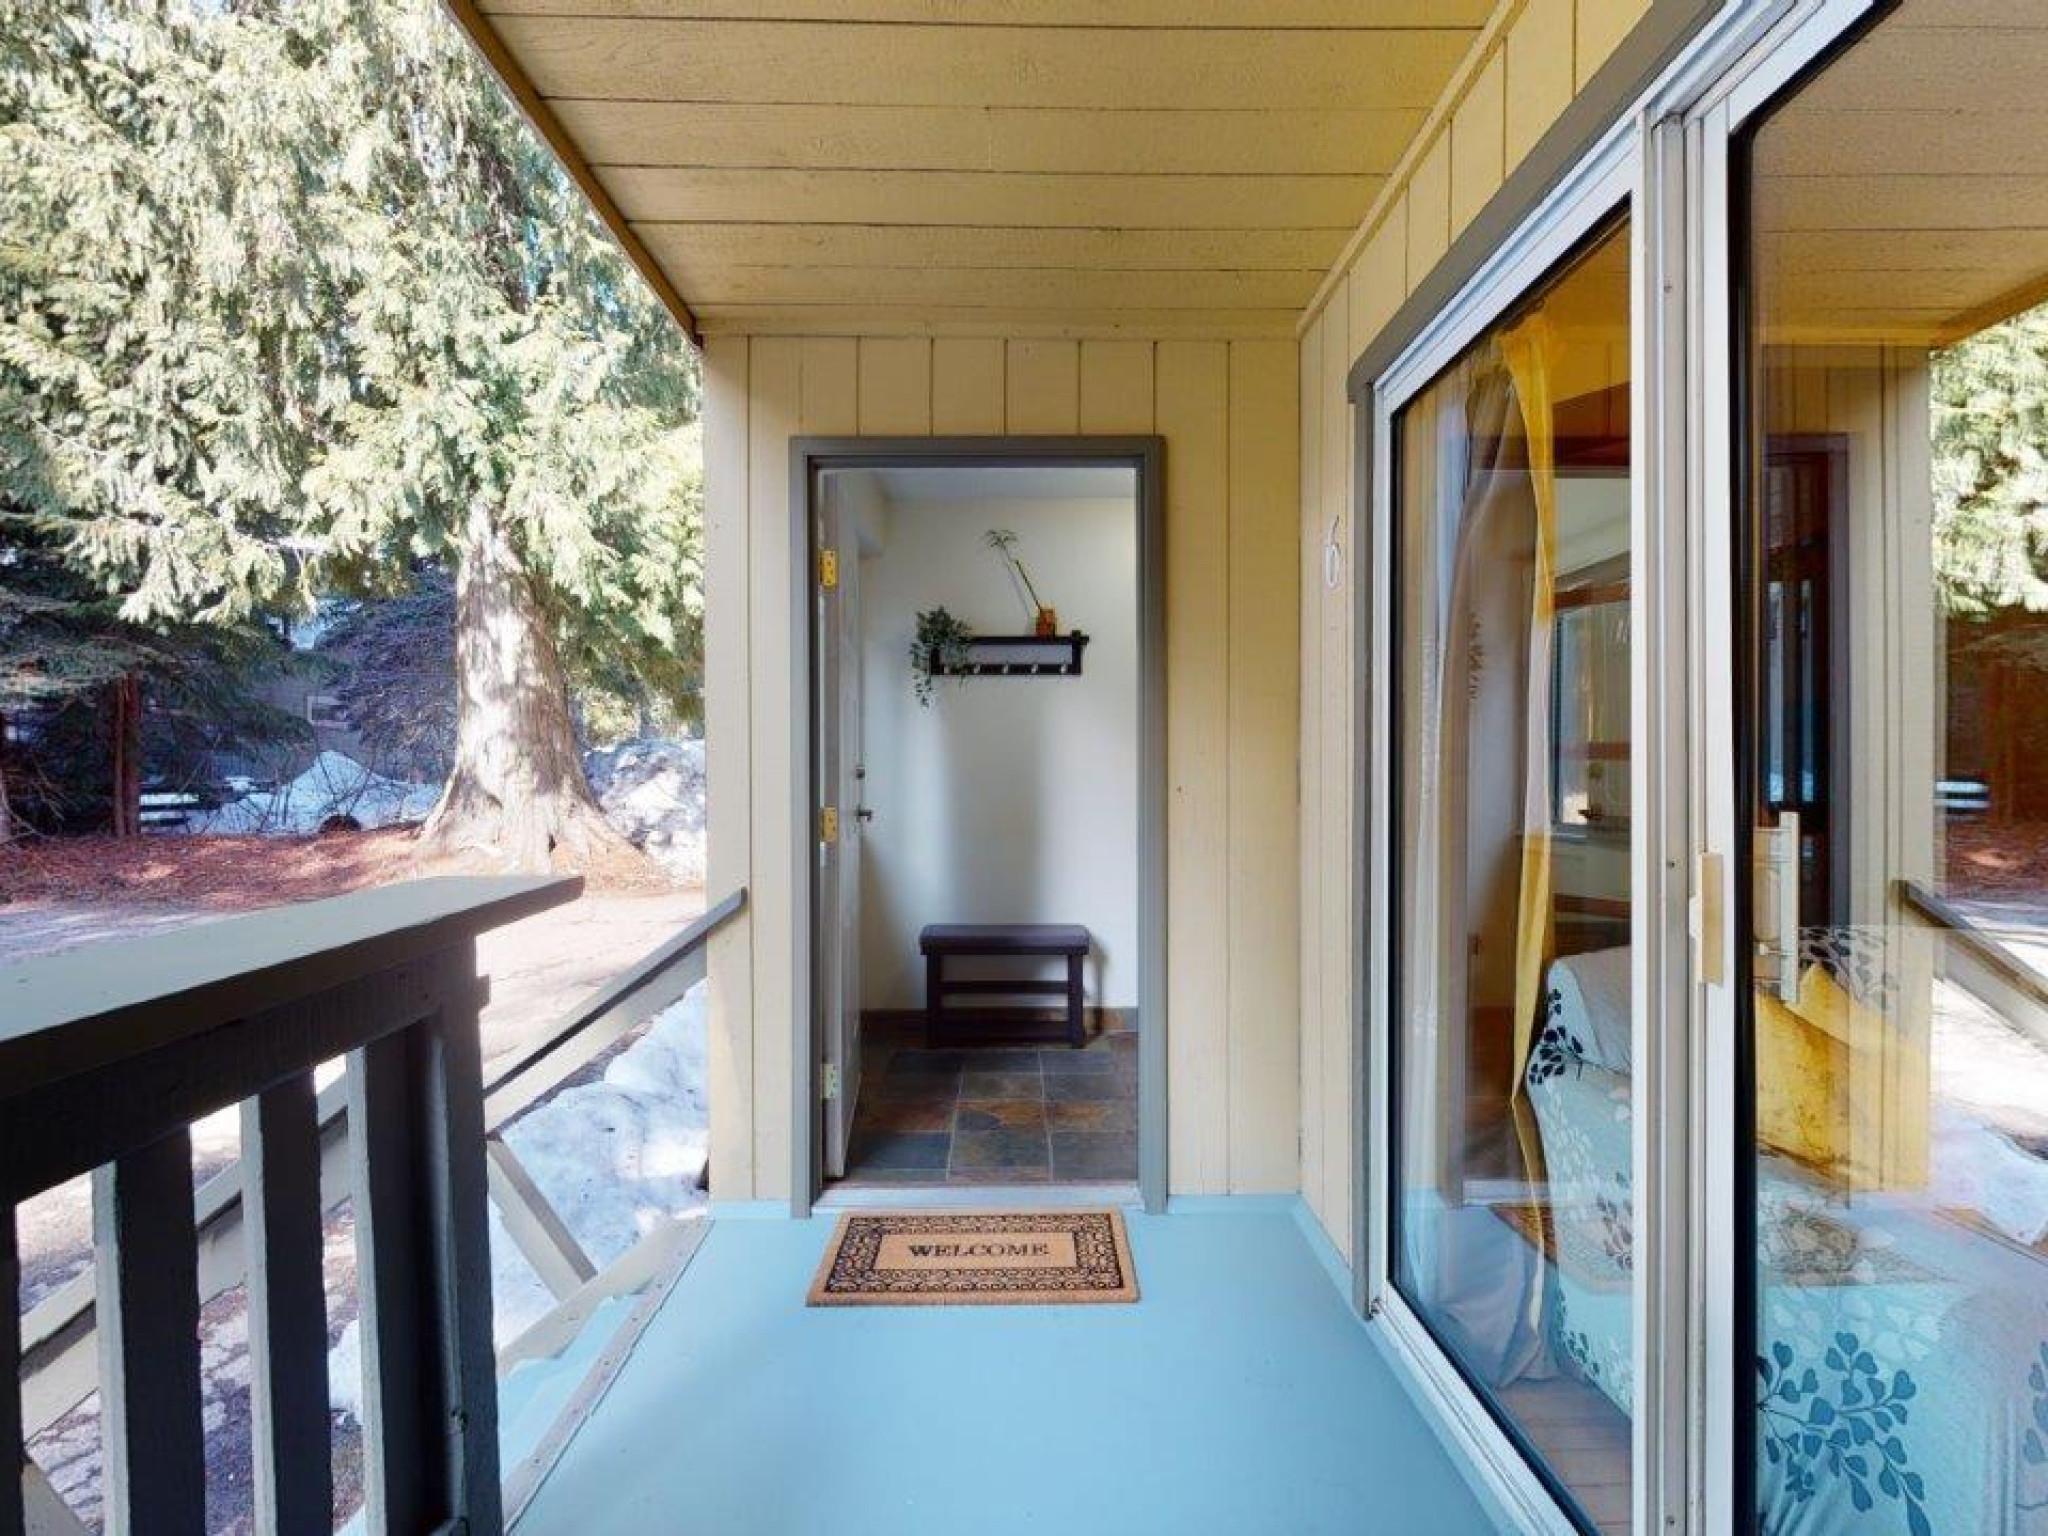 6-8073 Timber Lane image 24